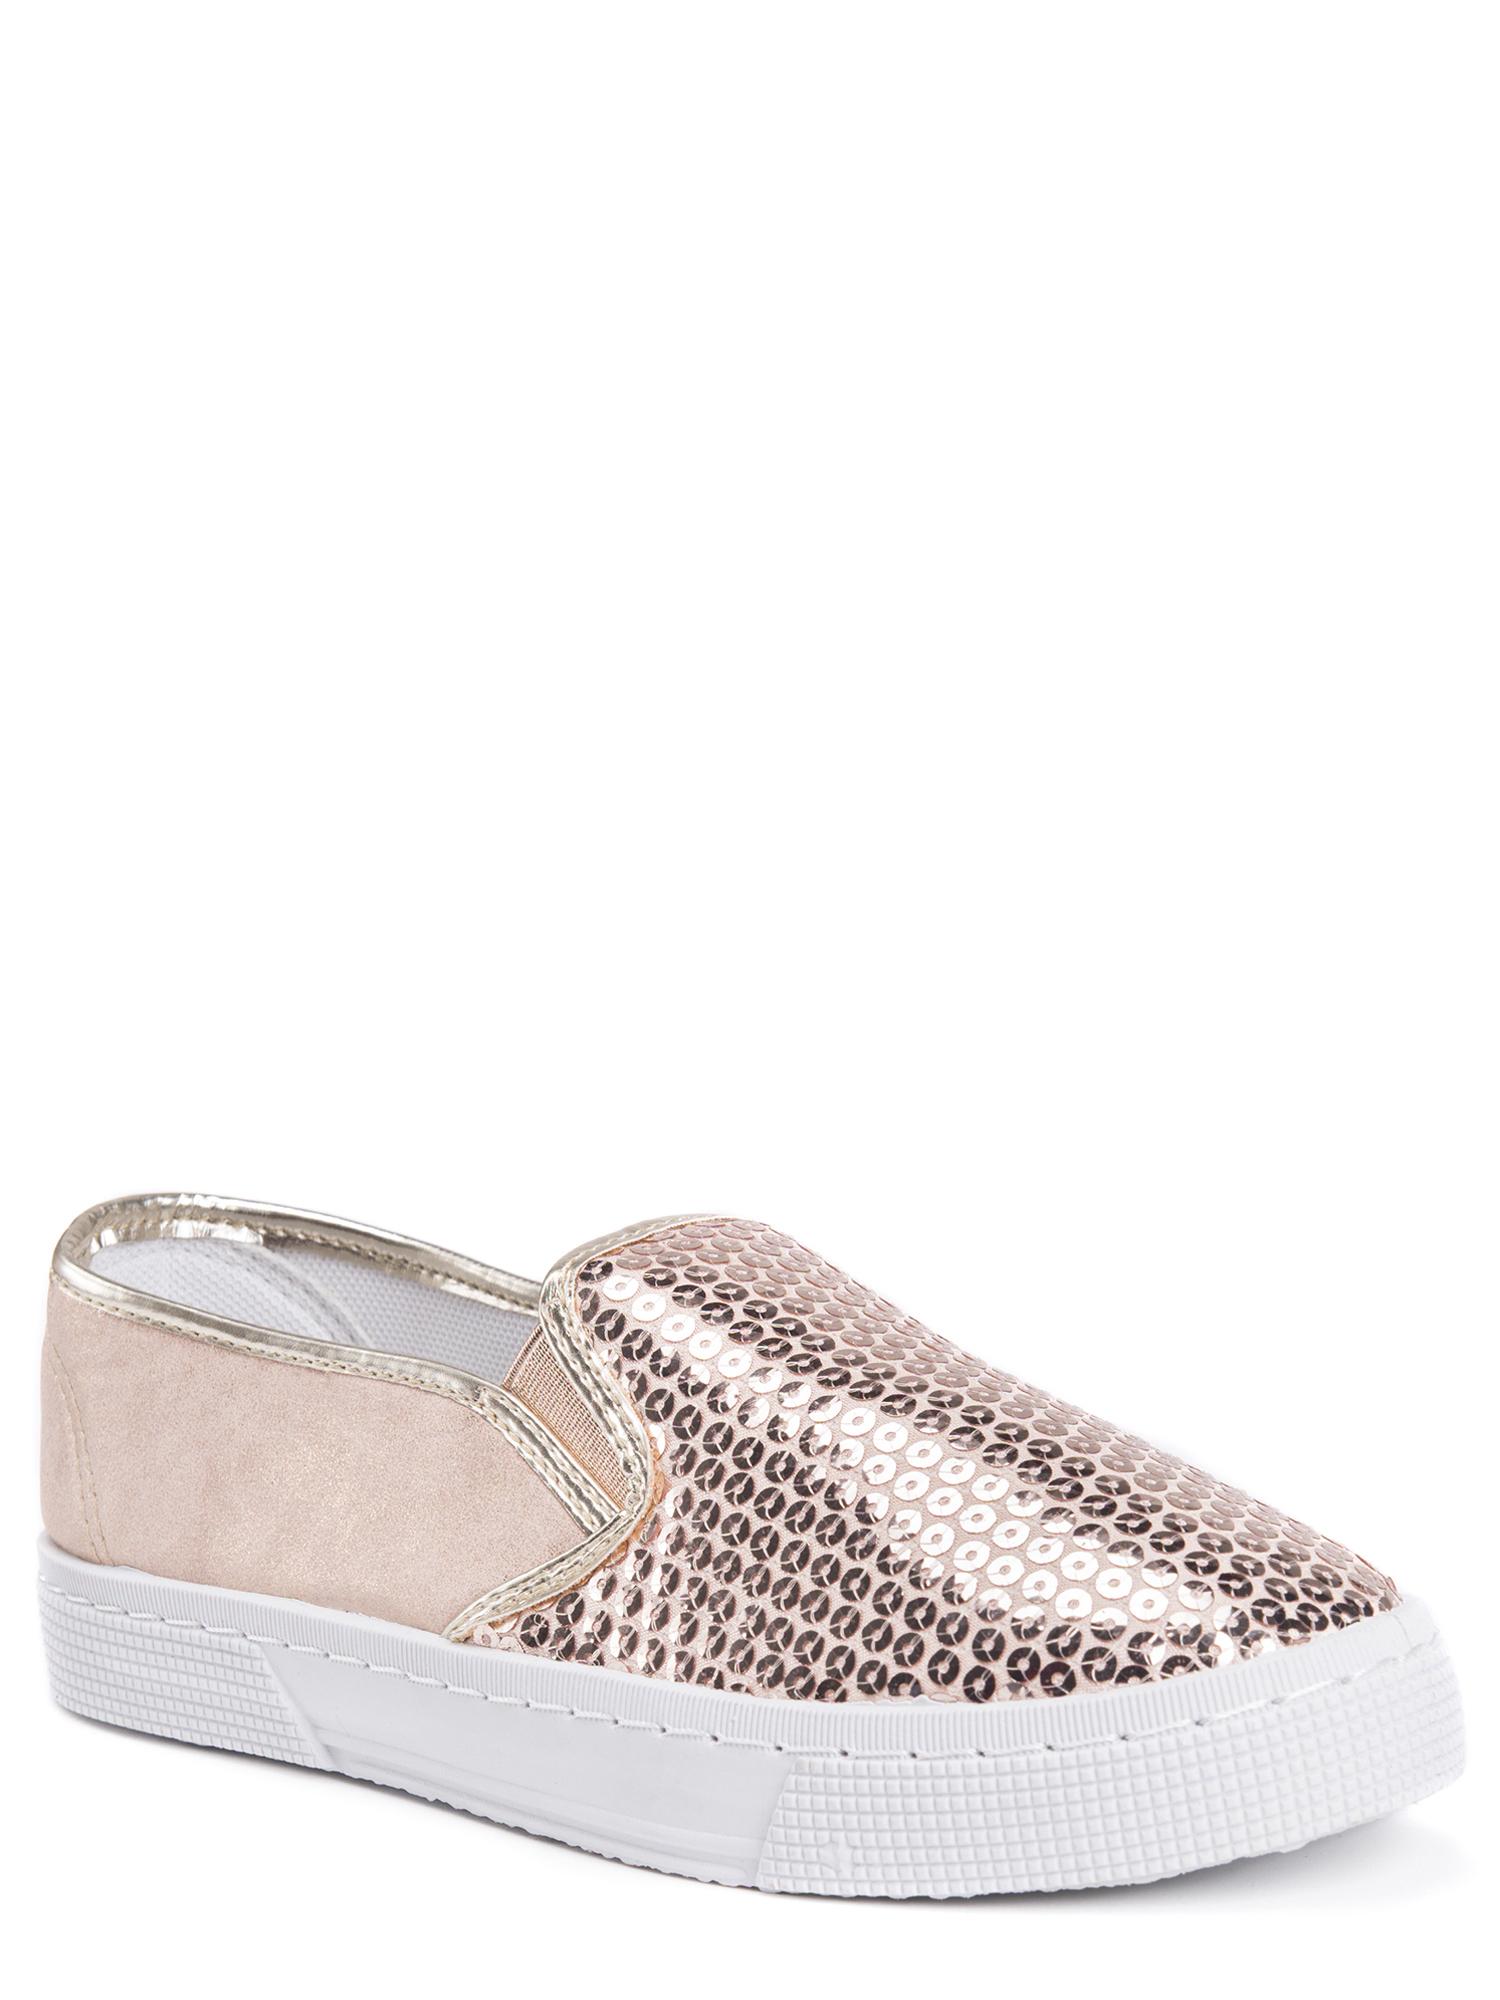 Women's Gianna Slip-On Sneaker